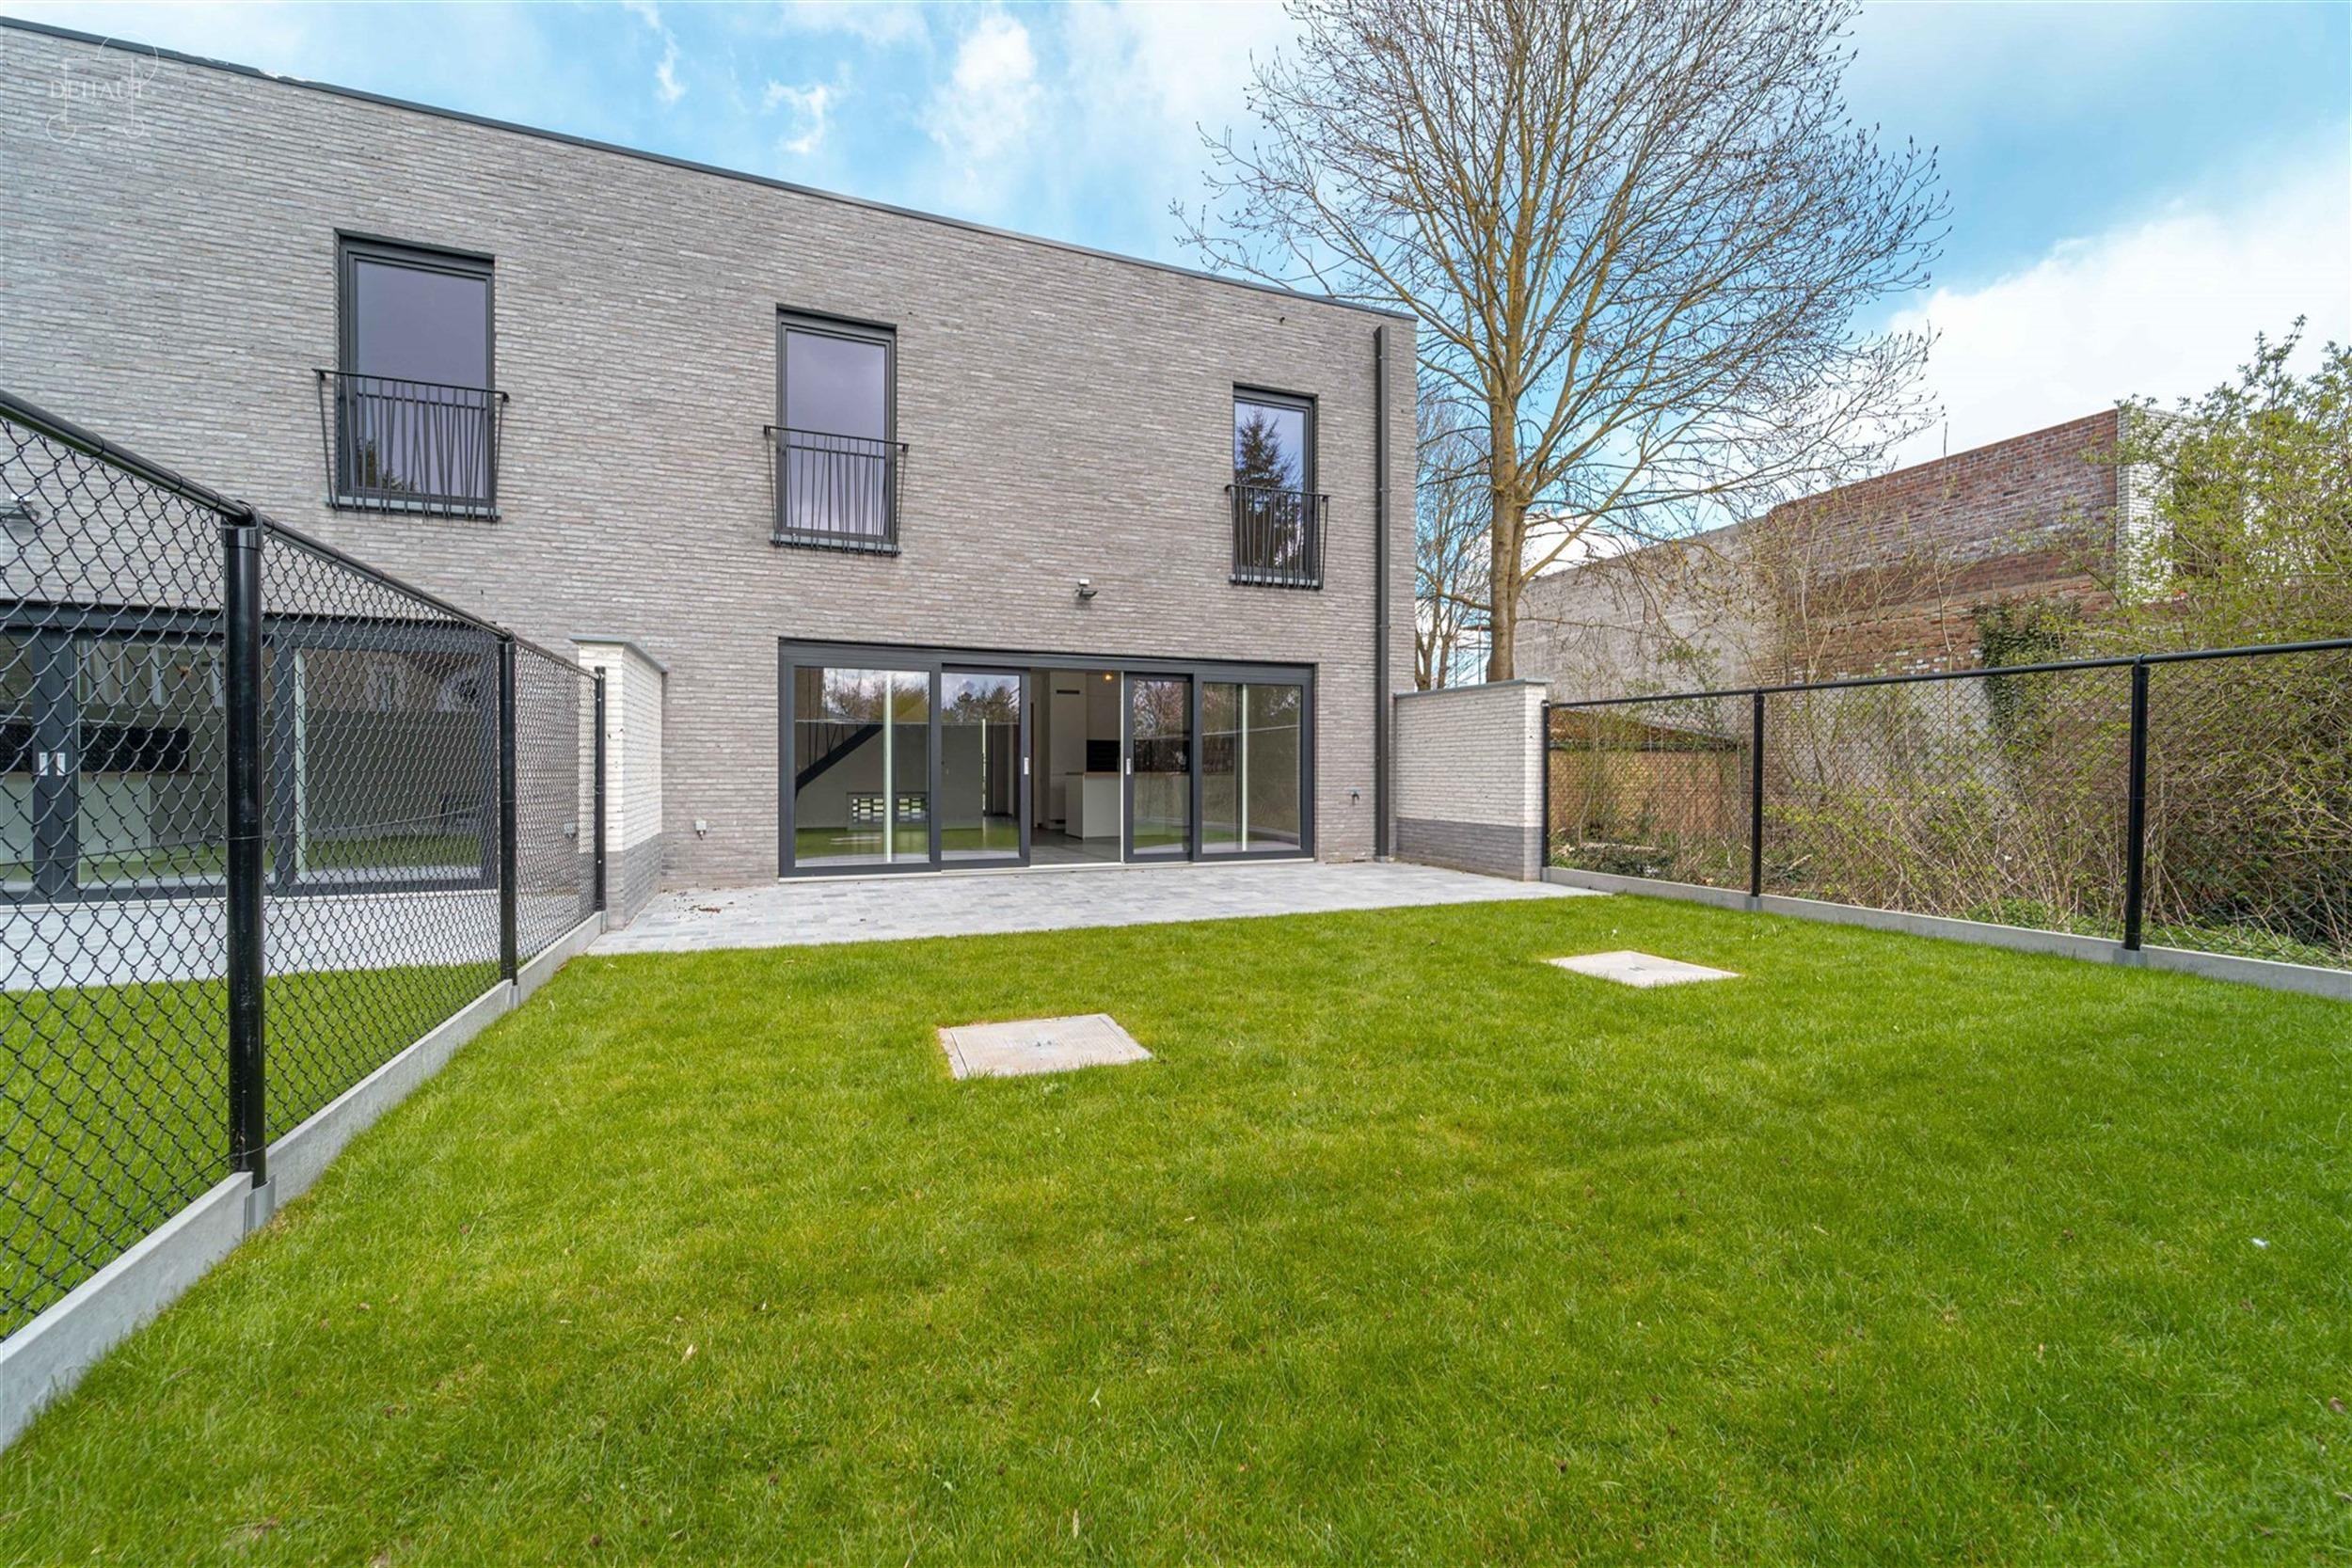 Magnifique maison 3 façades de style contemporain avec parking couvert en devanture. Cette nouvelle construction basse consommation comprend un spaci...